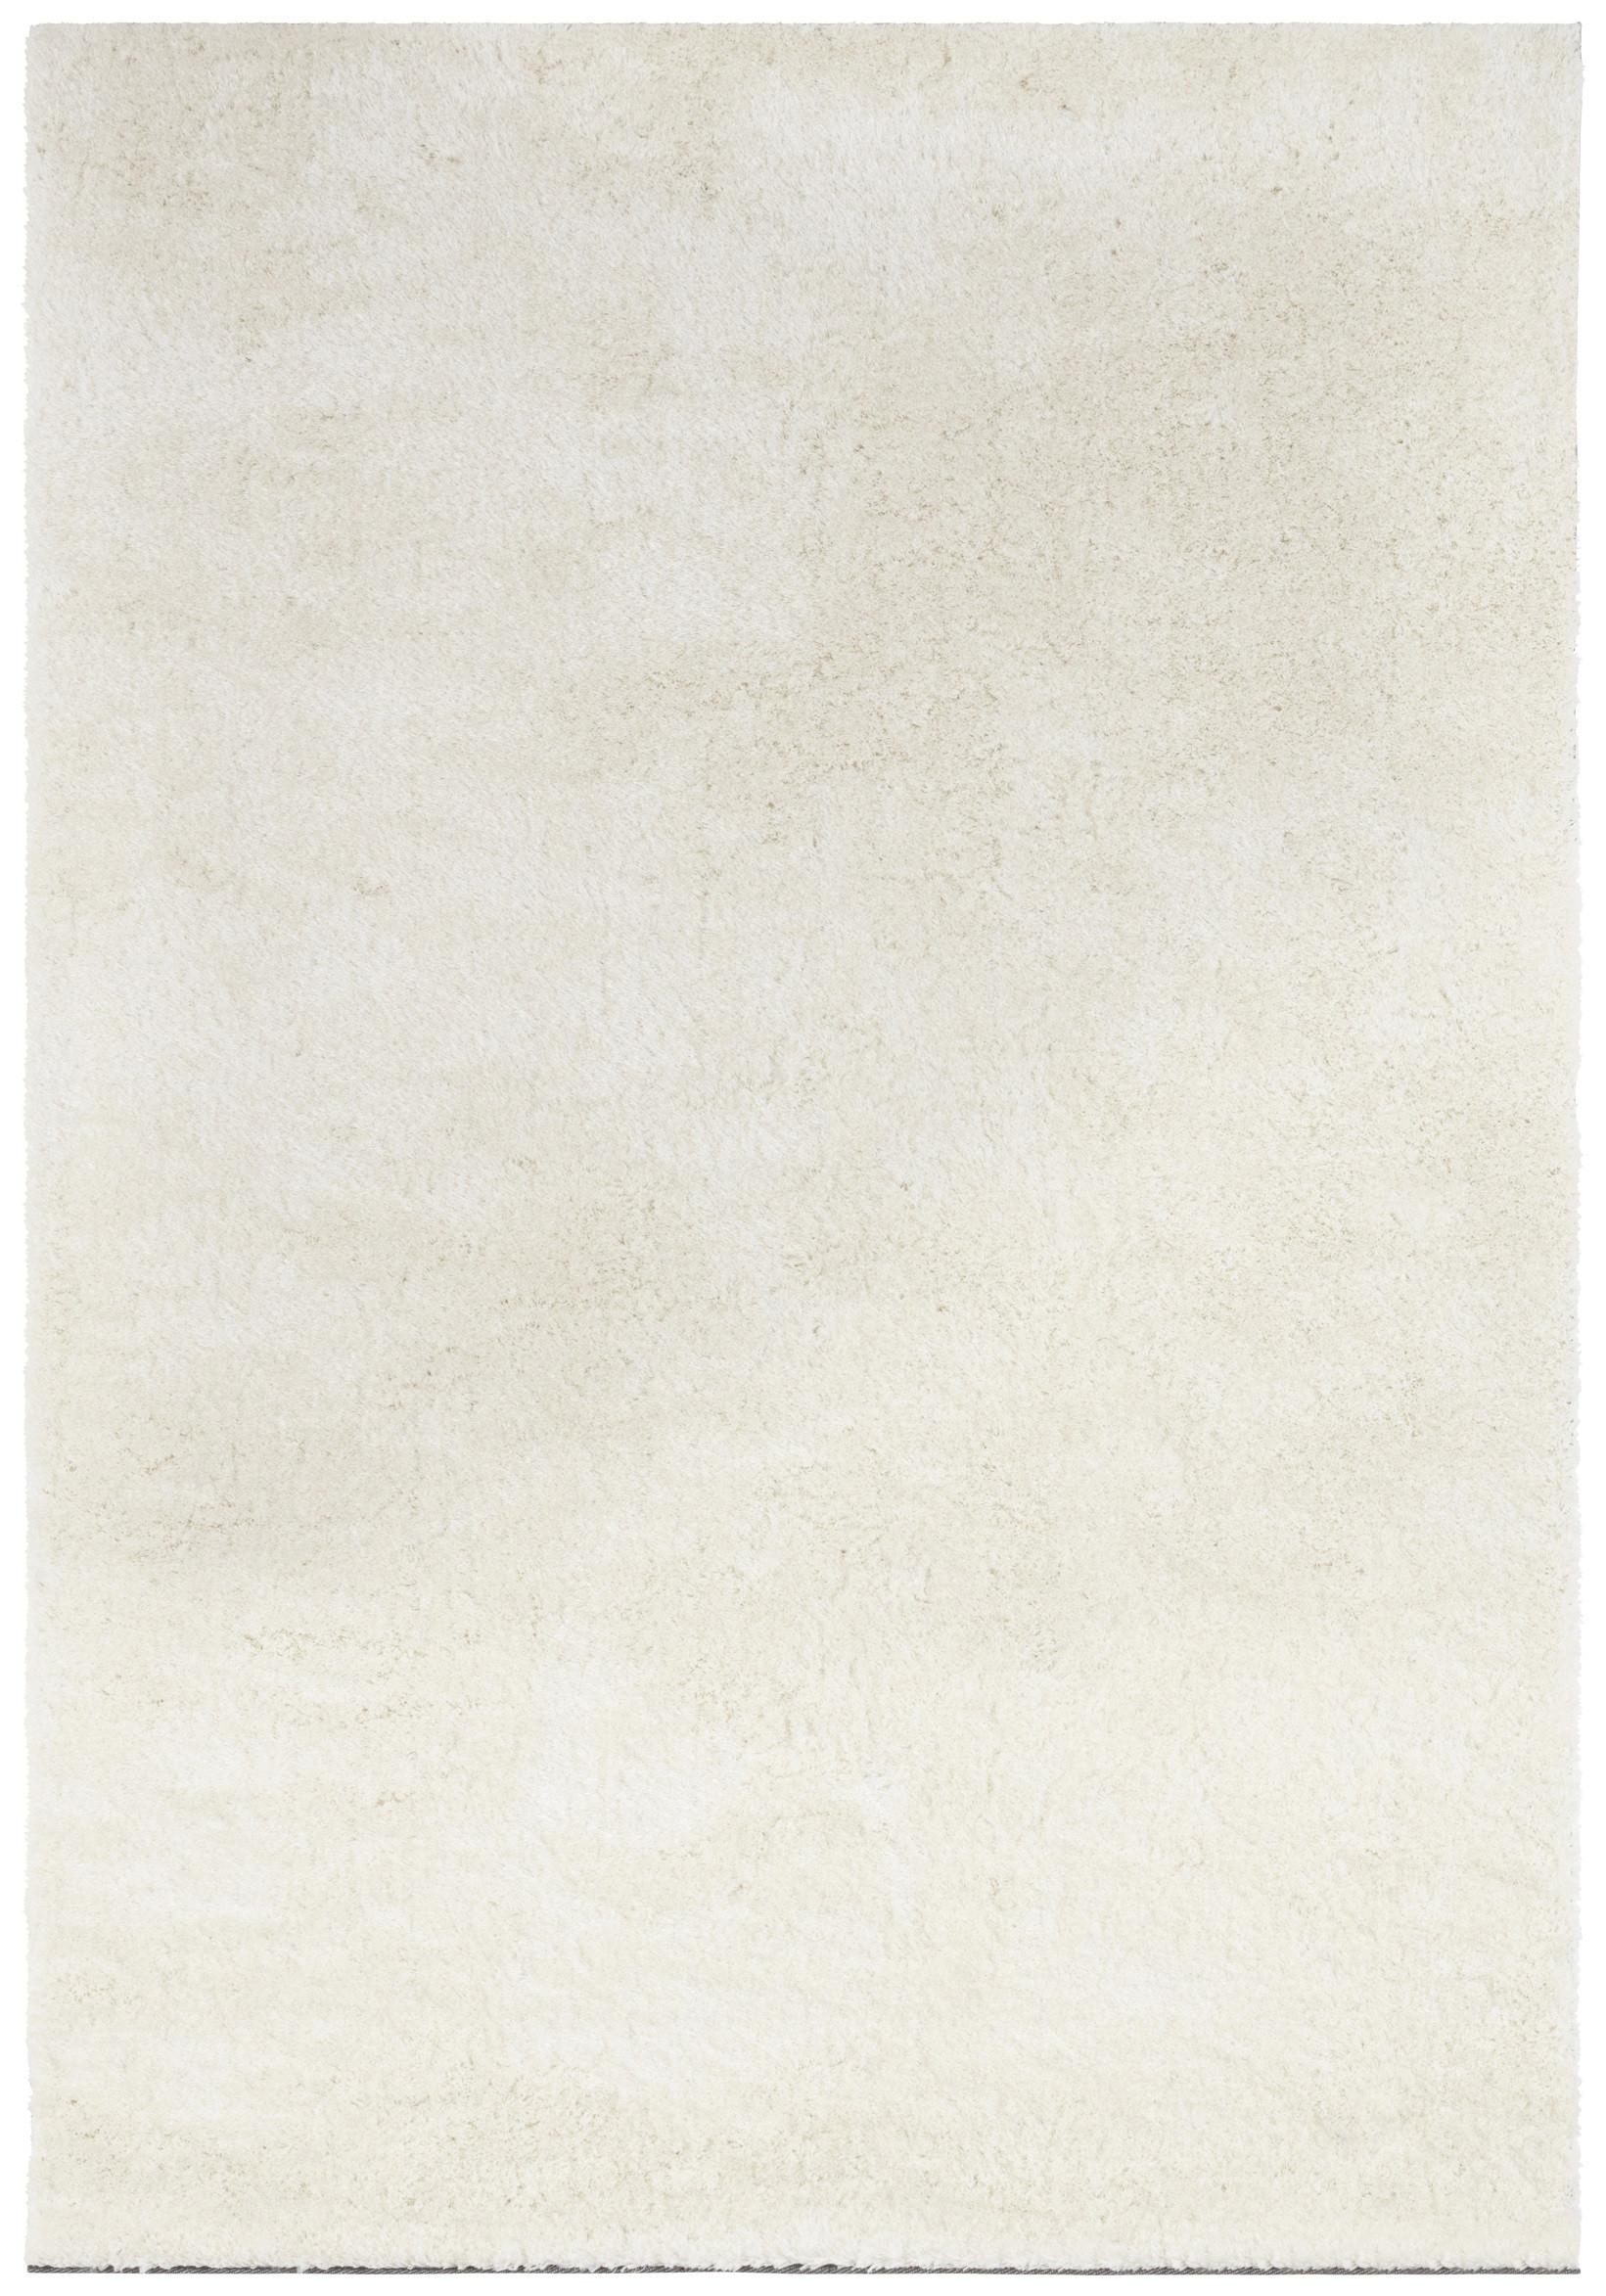 Levně Mujkoberec Original Ručně všívaný kusový koberec Mujkoberec Original 104197 - 80x150 cm Bílá